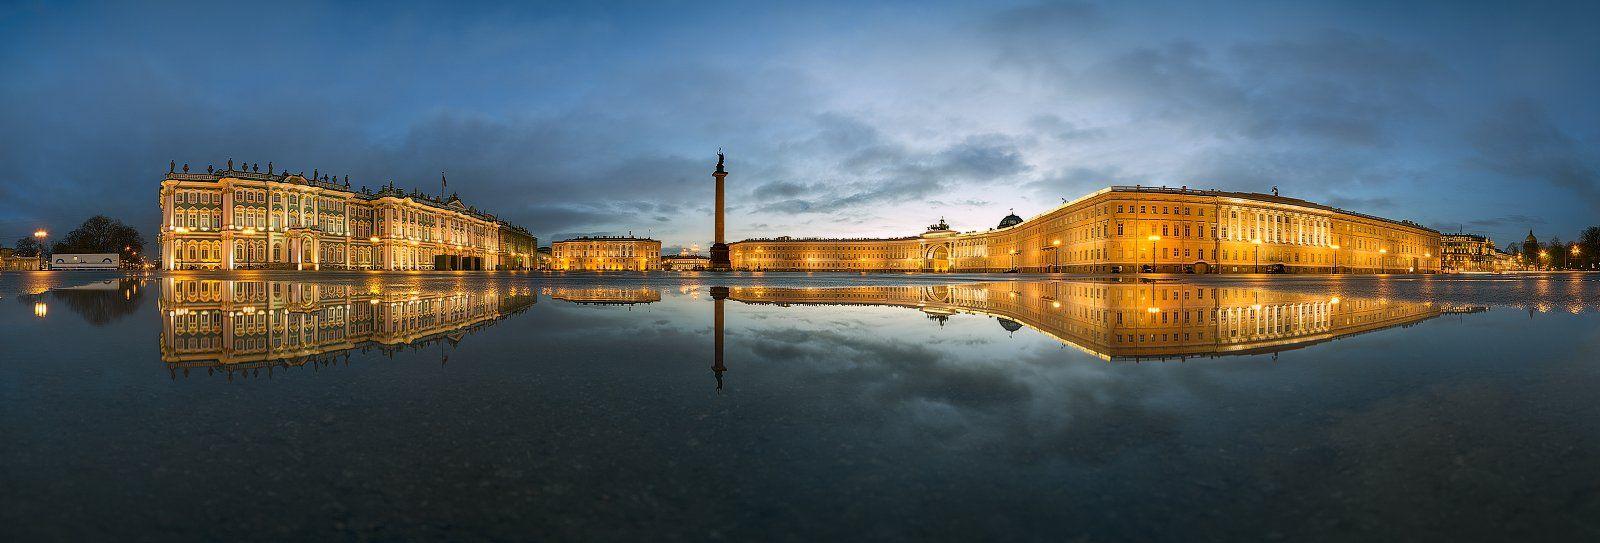 Дворцовая площадь, Отражение, Панорама, Рассвет, Санкт петербург, Sergey Louks